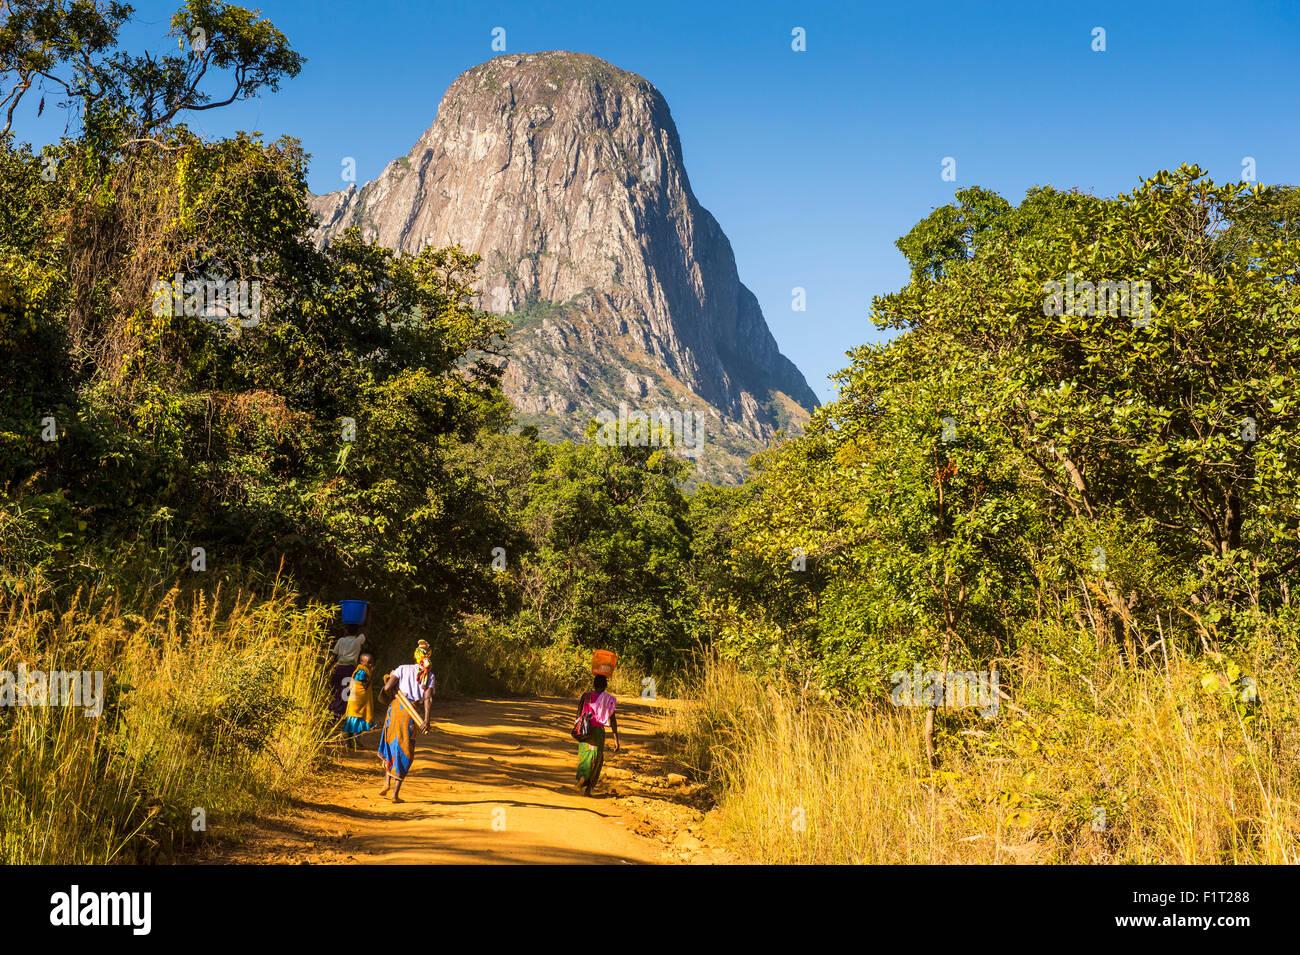 Polverosa pista laeding alle vette di granito del monte Mulanje, Malawi, Africa Immagini Stock